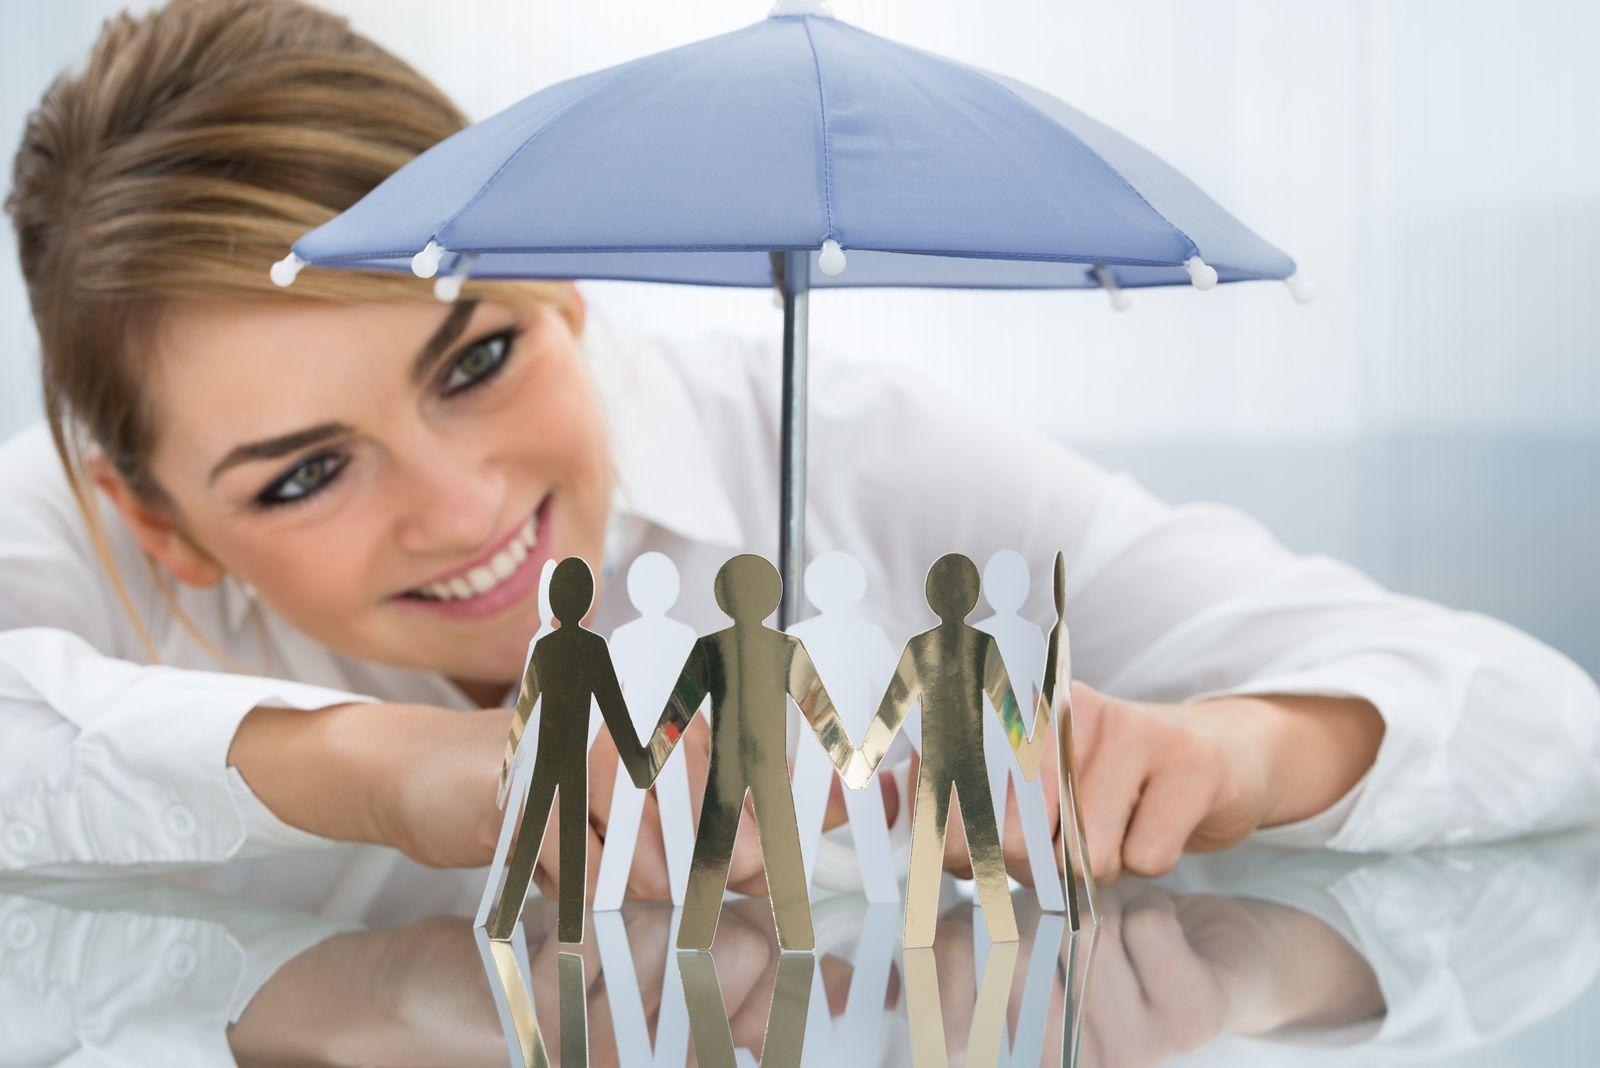 Mujer observando paraguas con iconos de personas